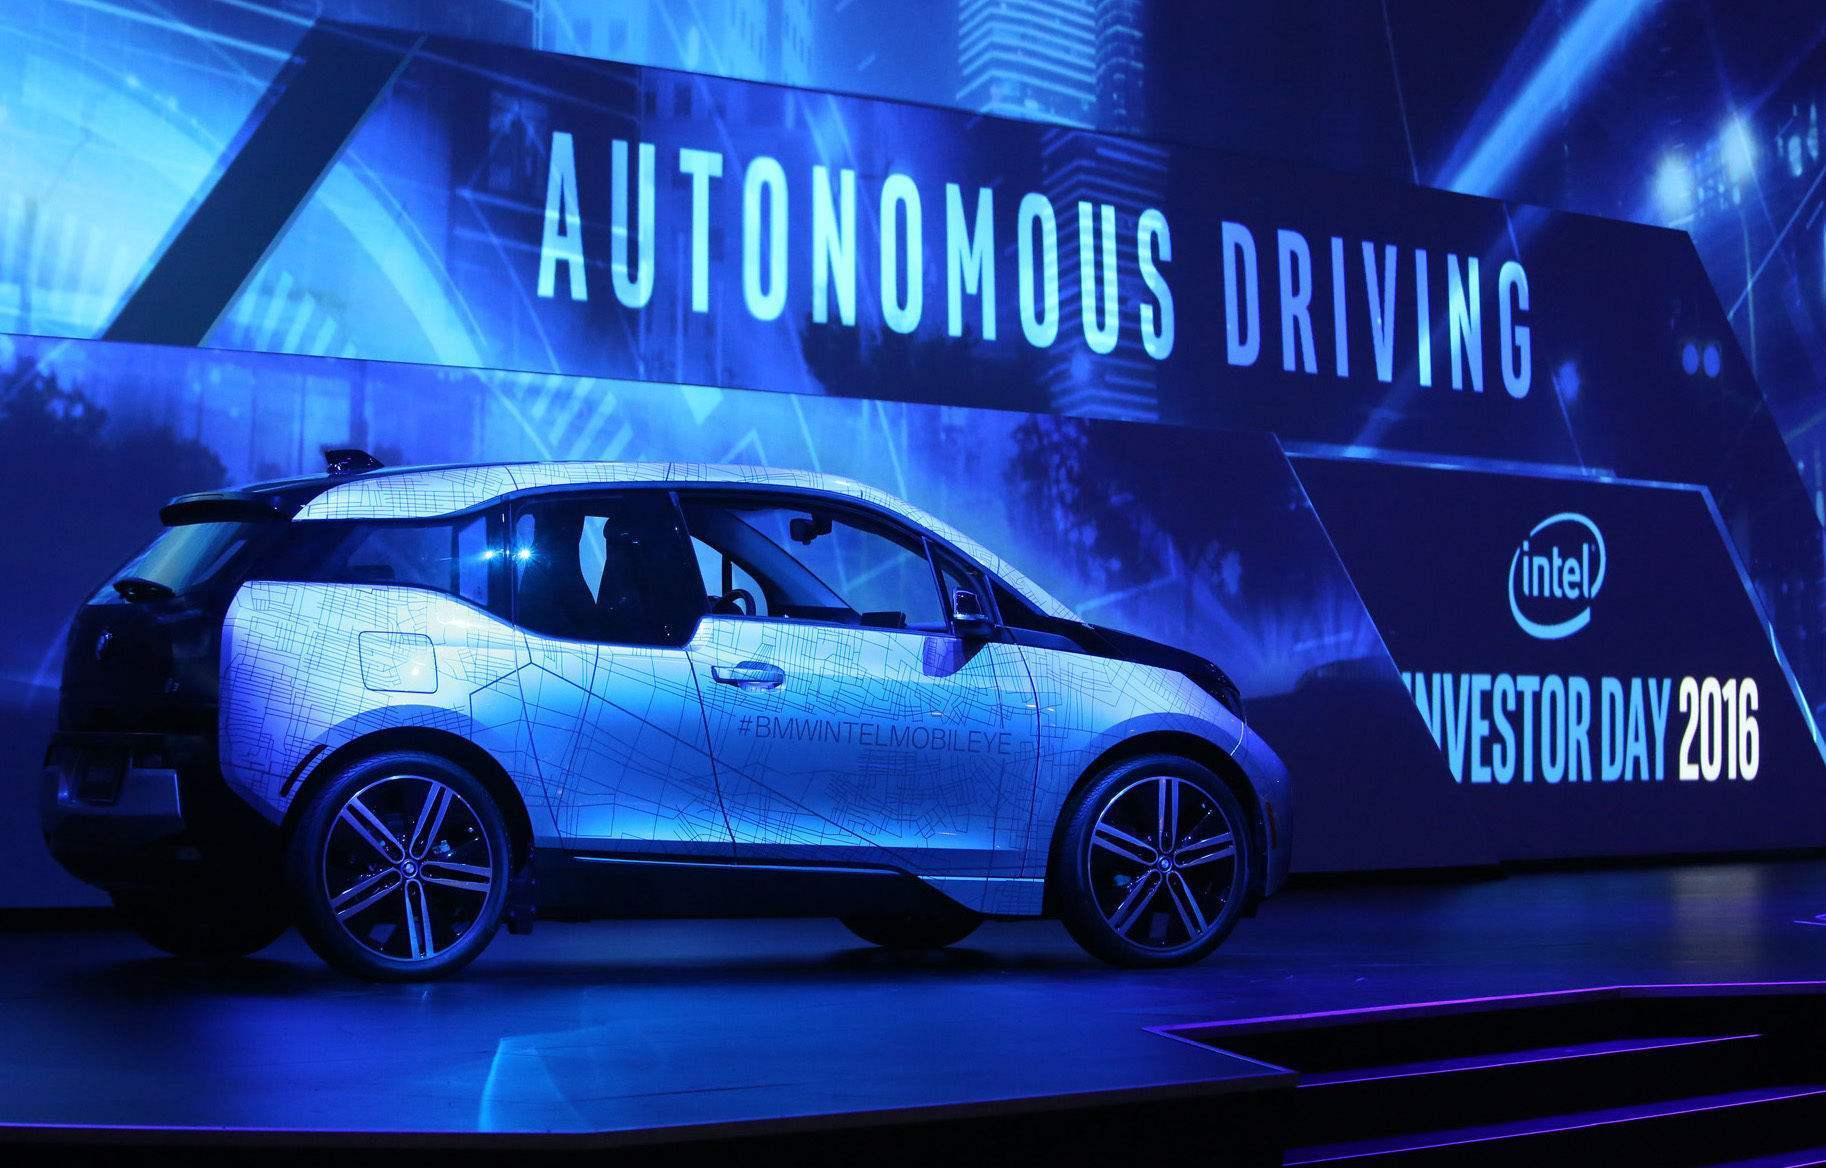 收购Mobileye后,英特尔的自动驾驶汽车年底将上路了